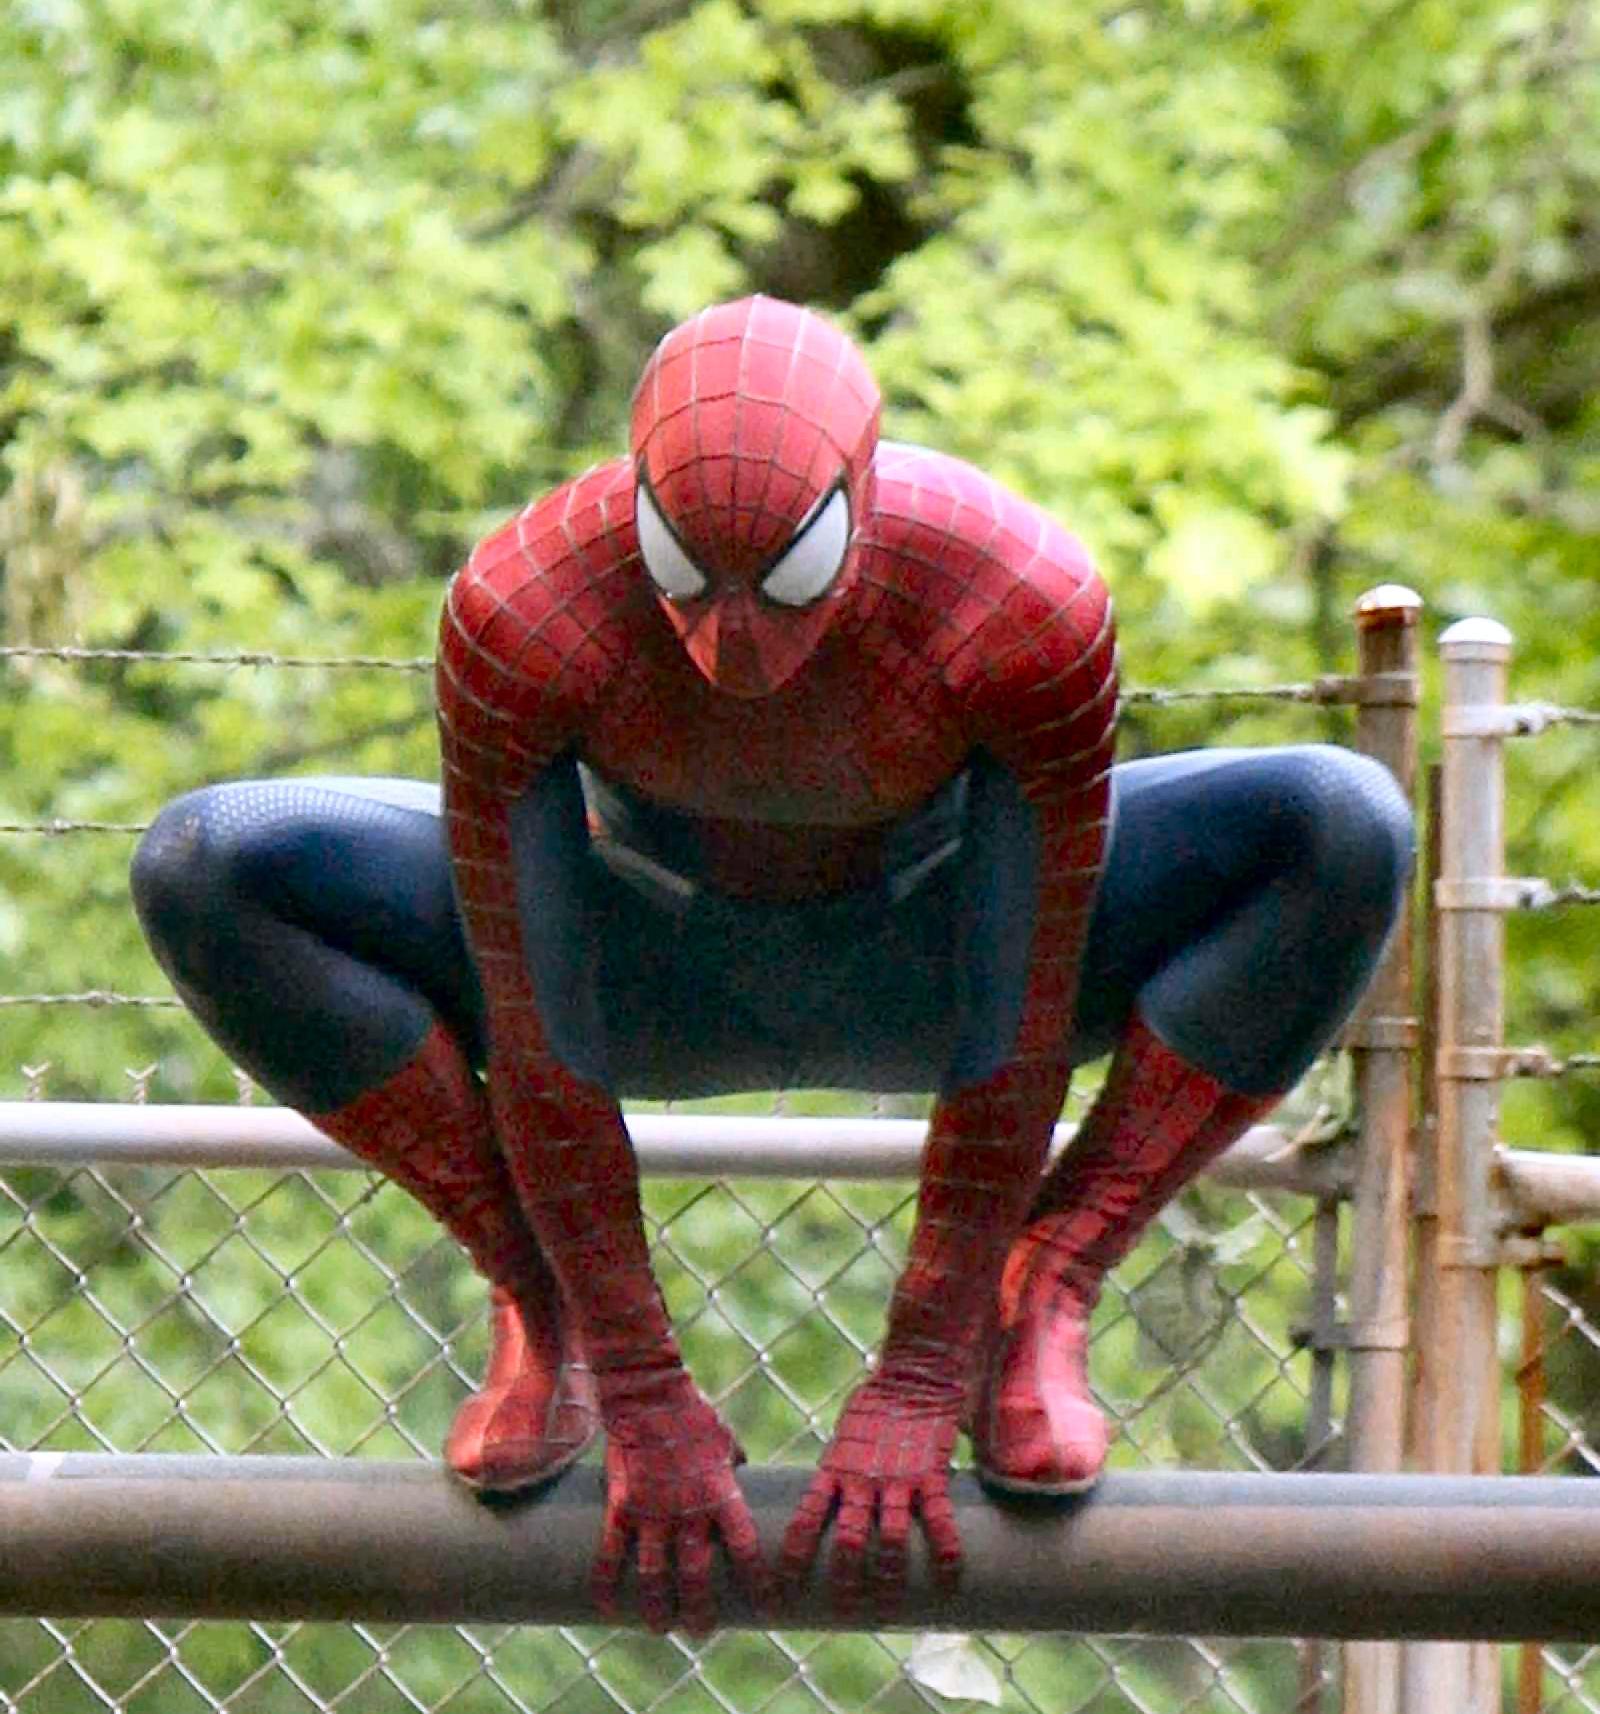 9 The Amazing Spiderman 2 New Photoset